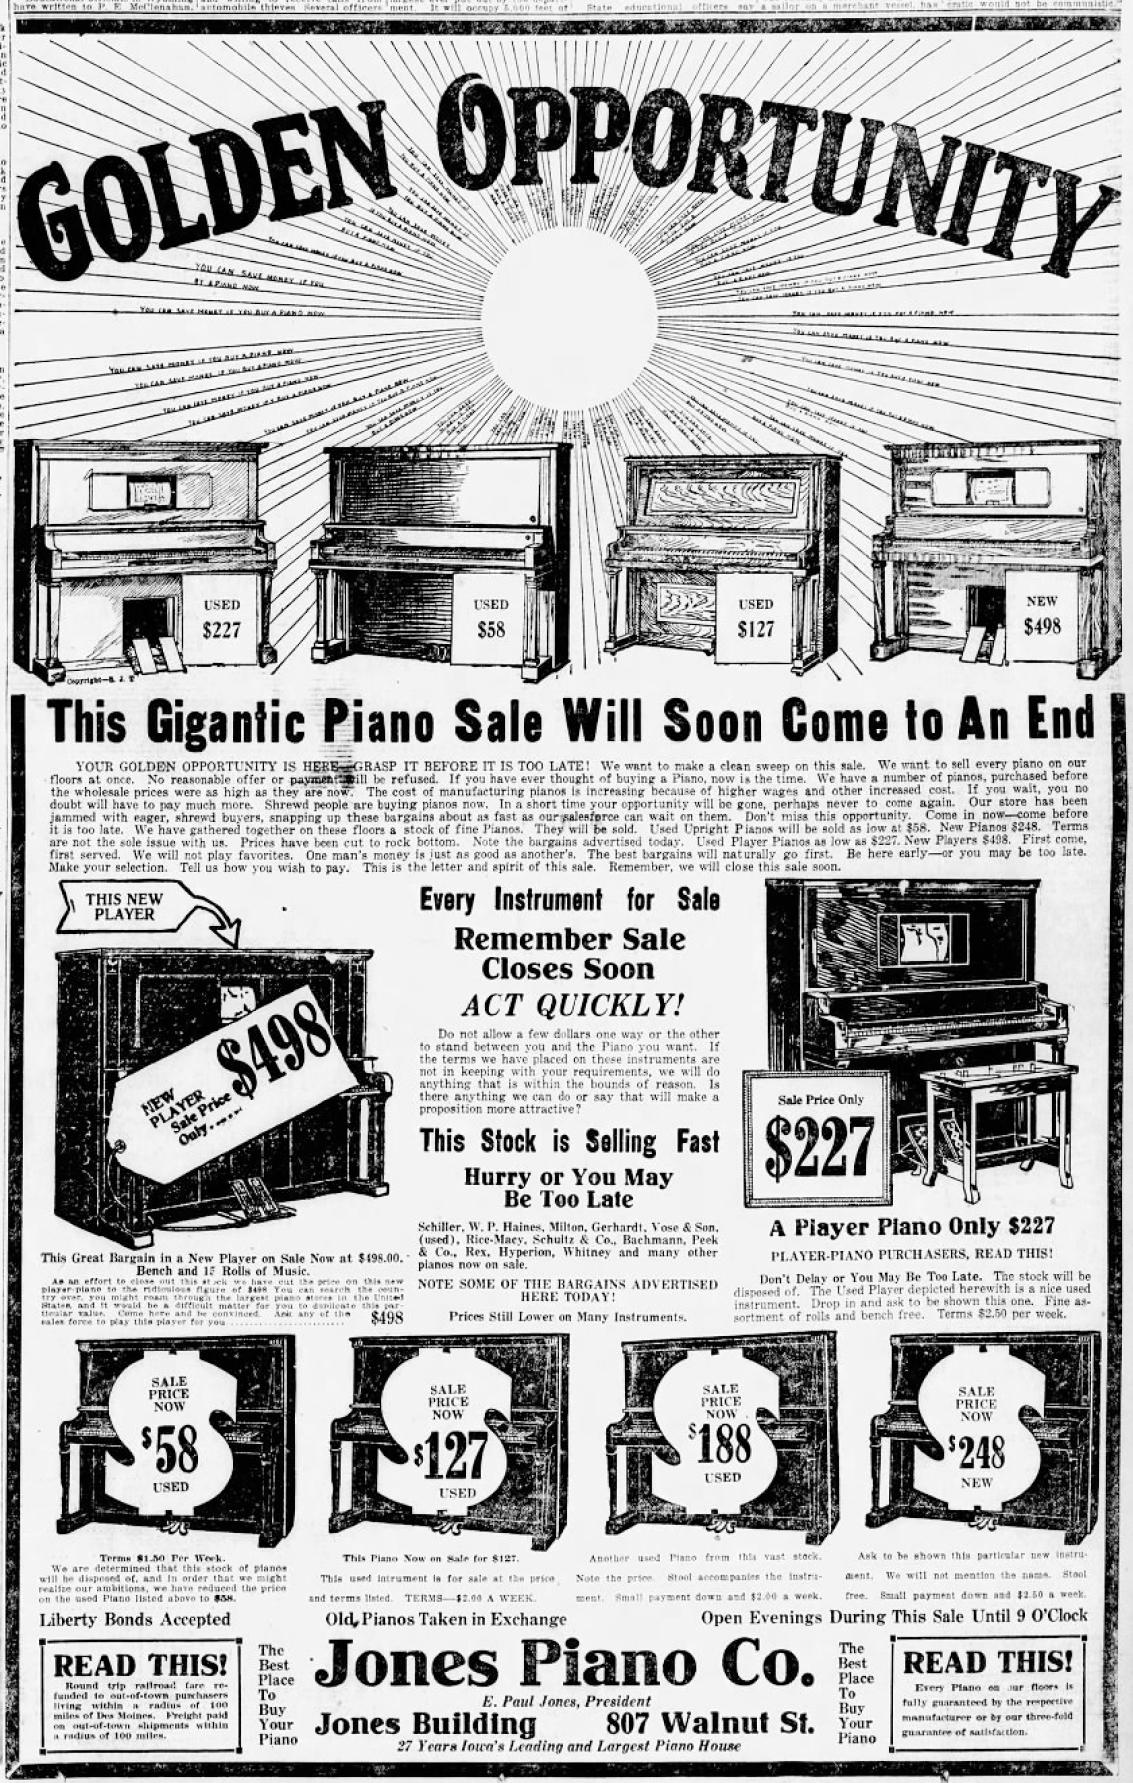 Golden Opportunity 1920.jpg